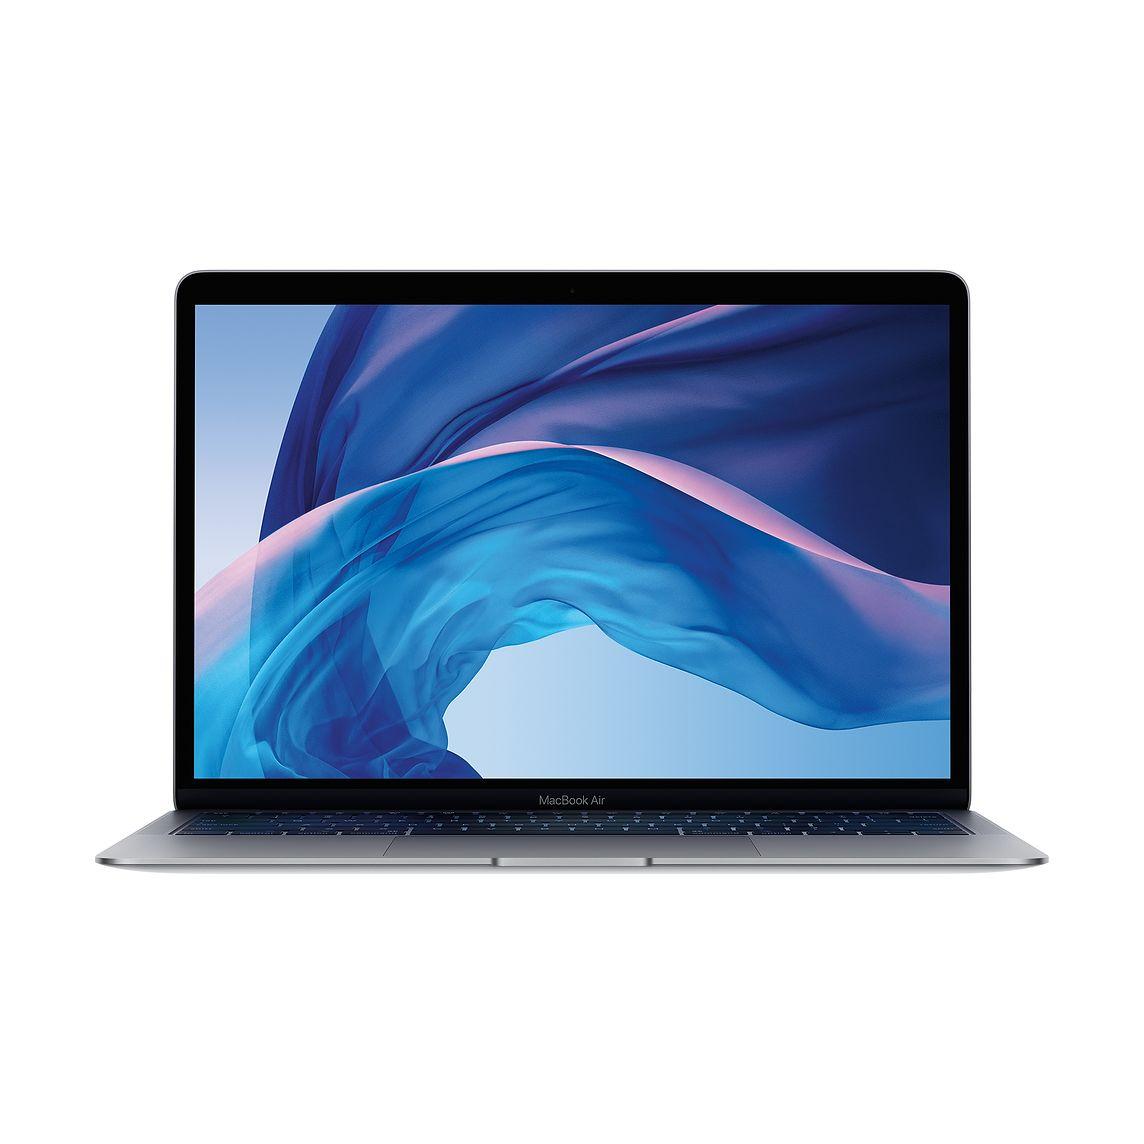 Refurbished MacBook Air (Late 2018) - £699 at Apple Store